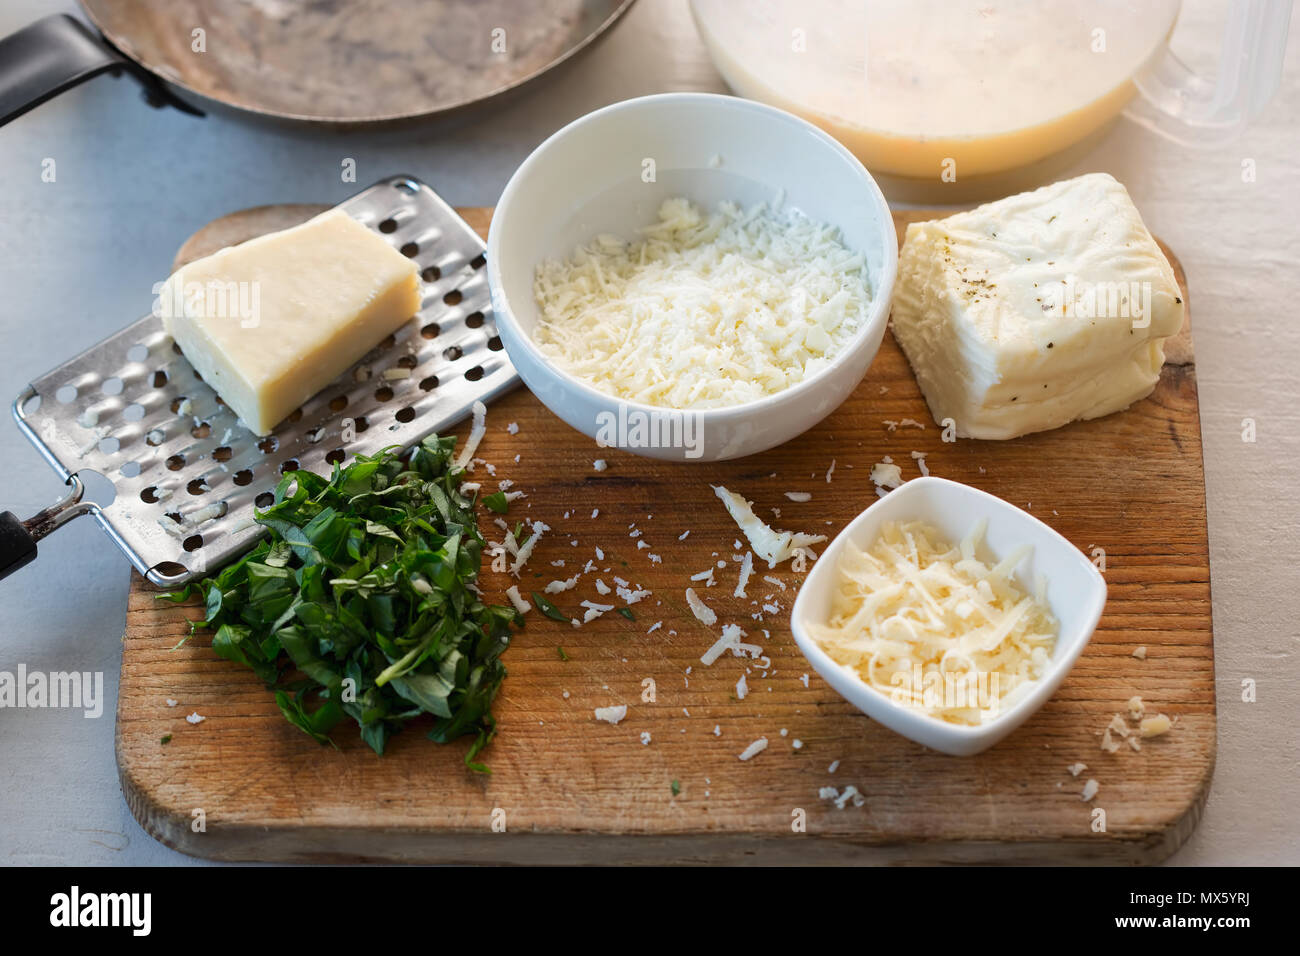 La Frittata ingrédients: oeufs battus et le lait, et l'halloumi fromage parmesan, basilic coupé Photo Stock